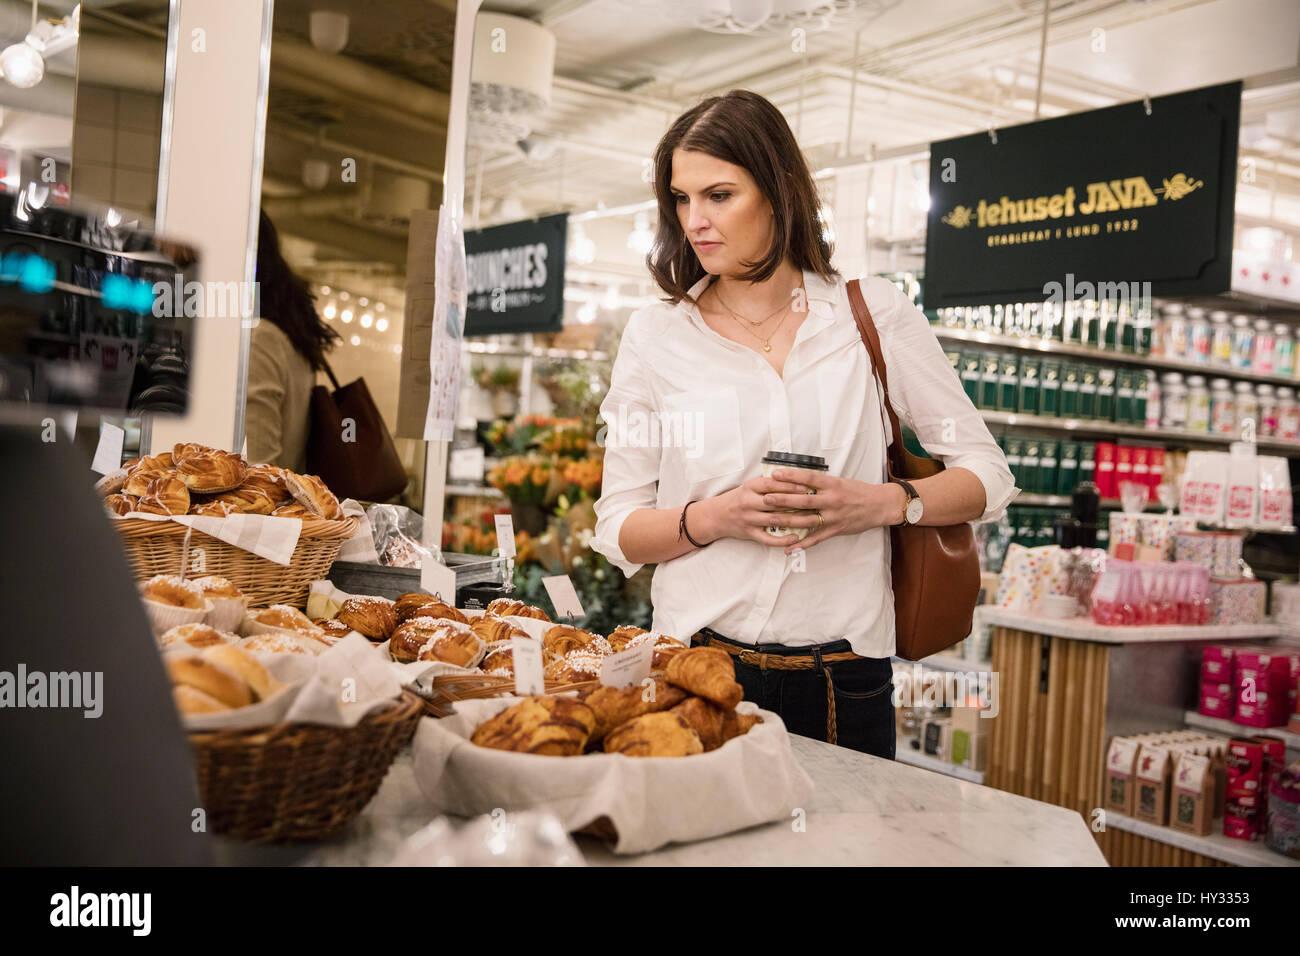 La Suède, femme choisissent des aliments dans une boulangerie Photo Stock